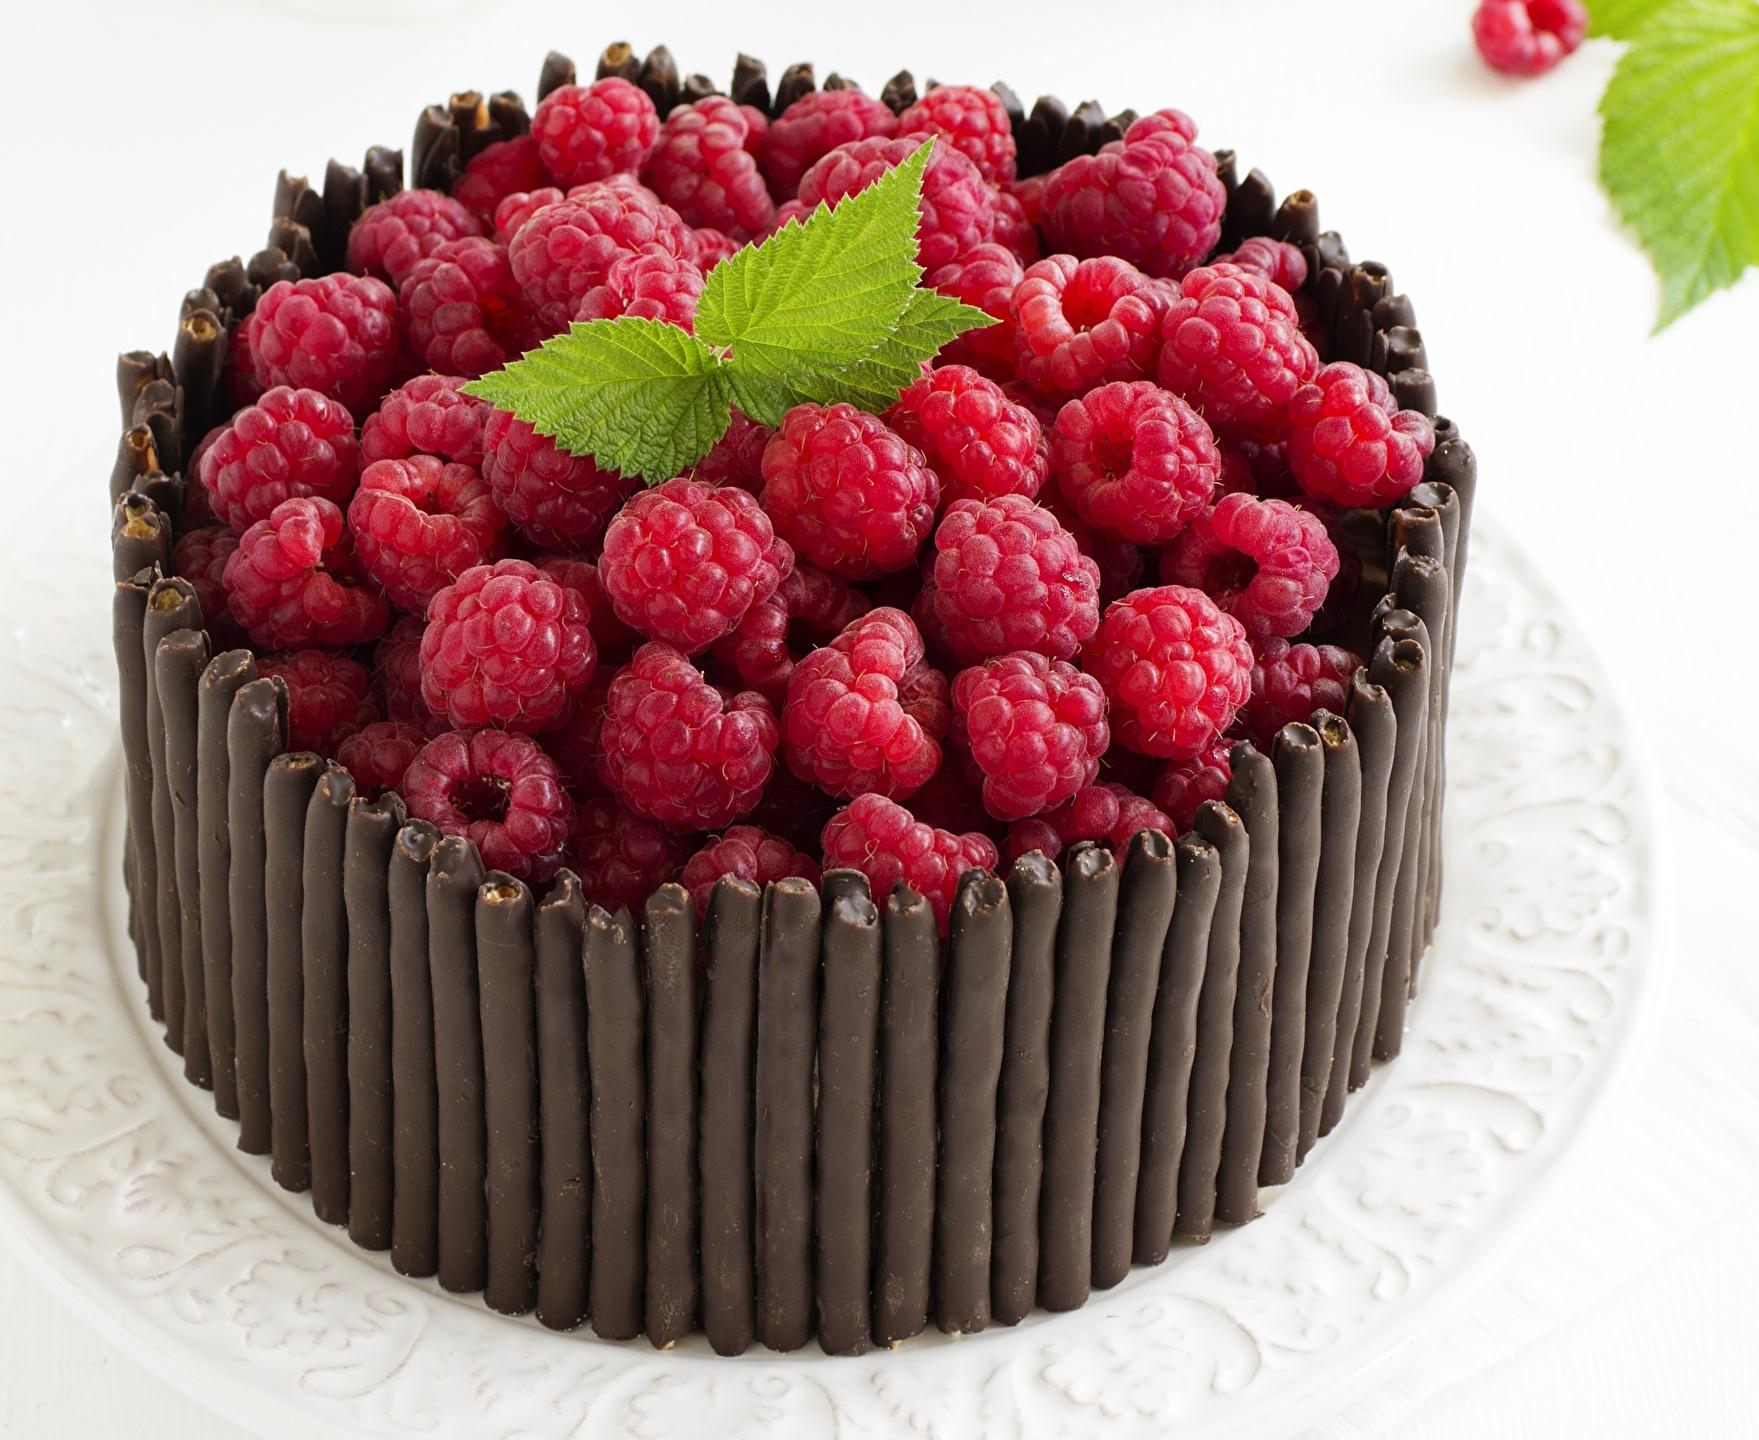 Обои для рабочего стола Шоколад Торты Малина Пища 1759x1440 Еда Продукты питания